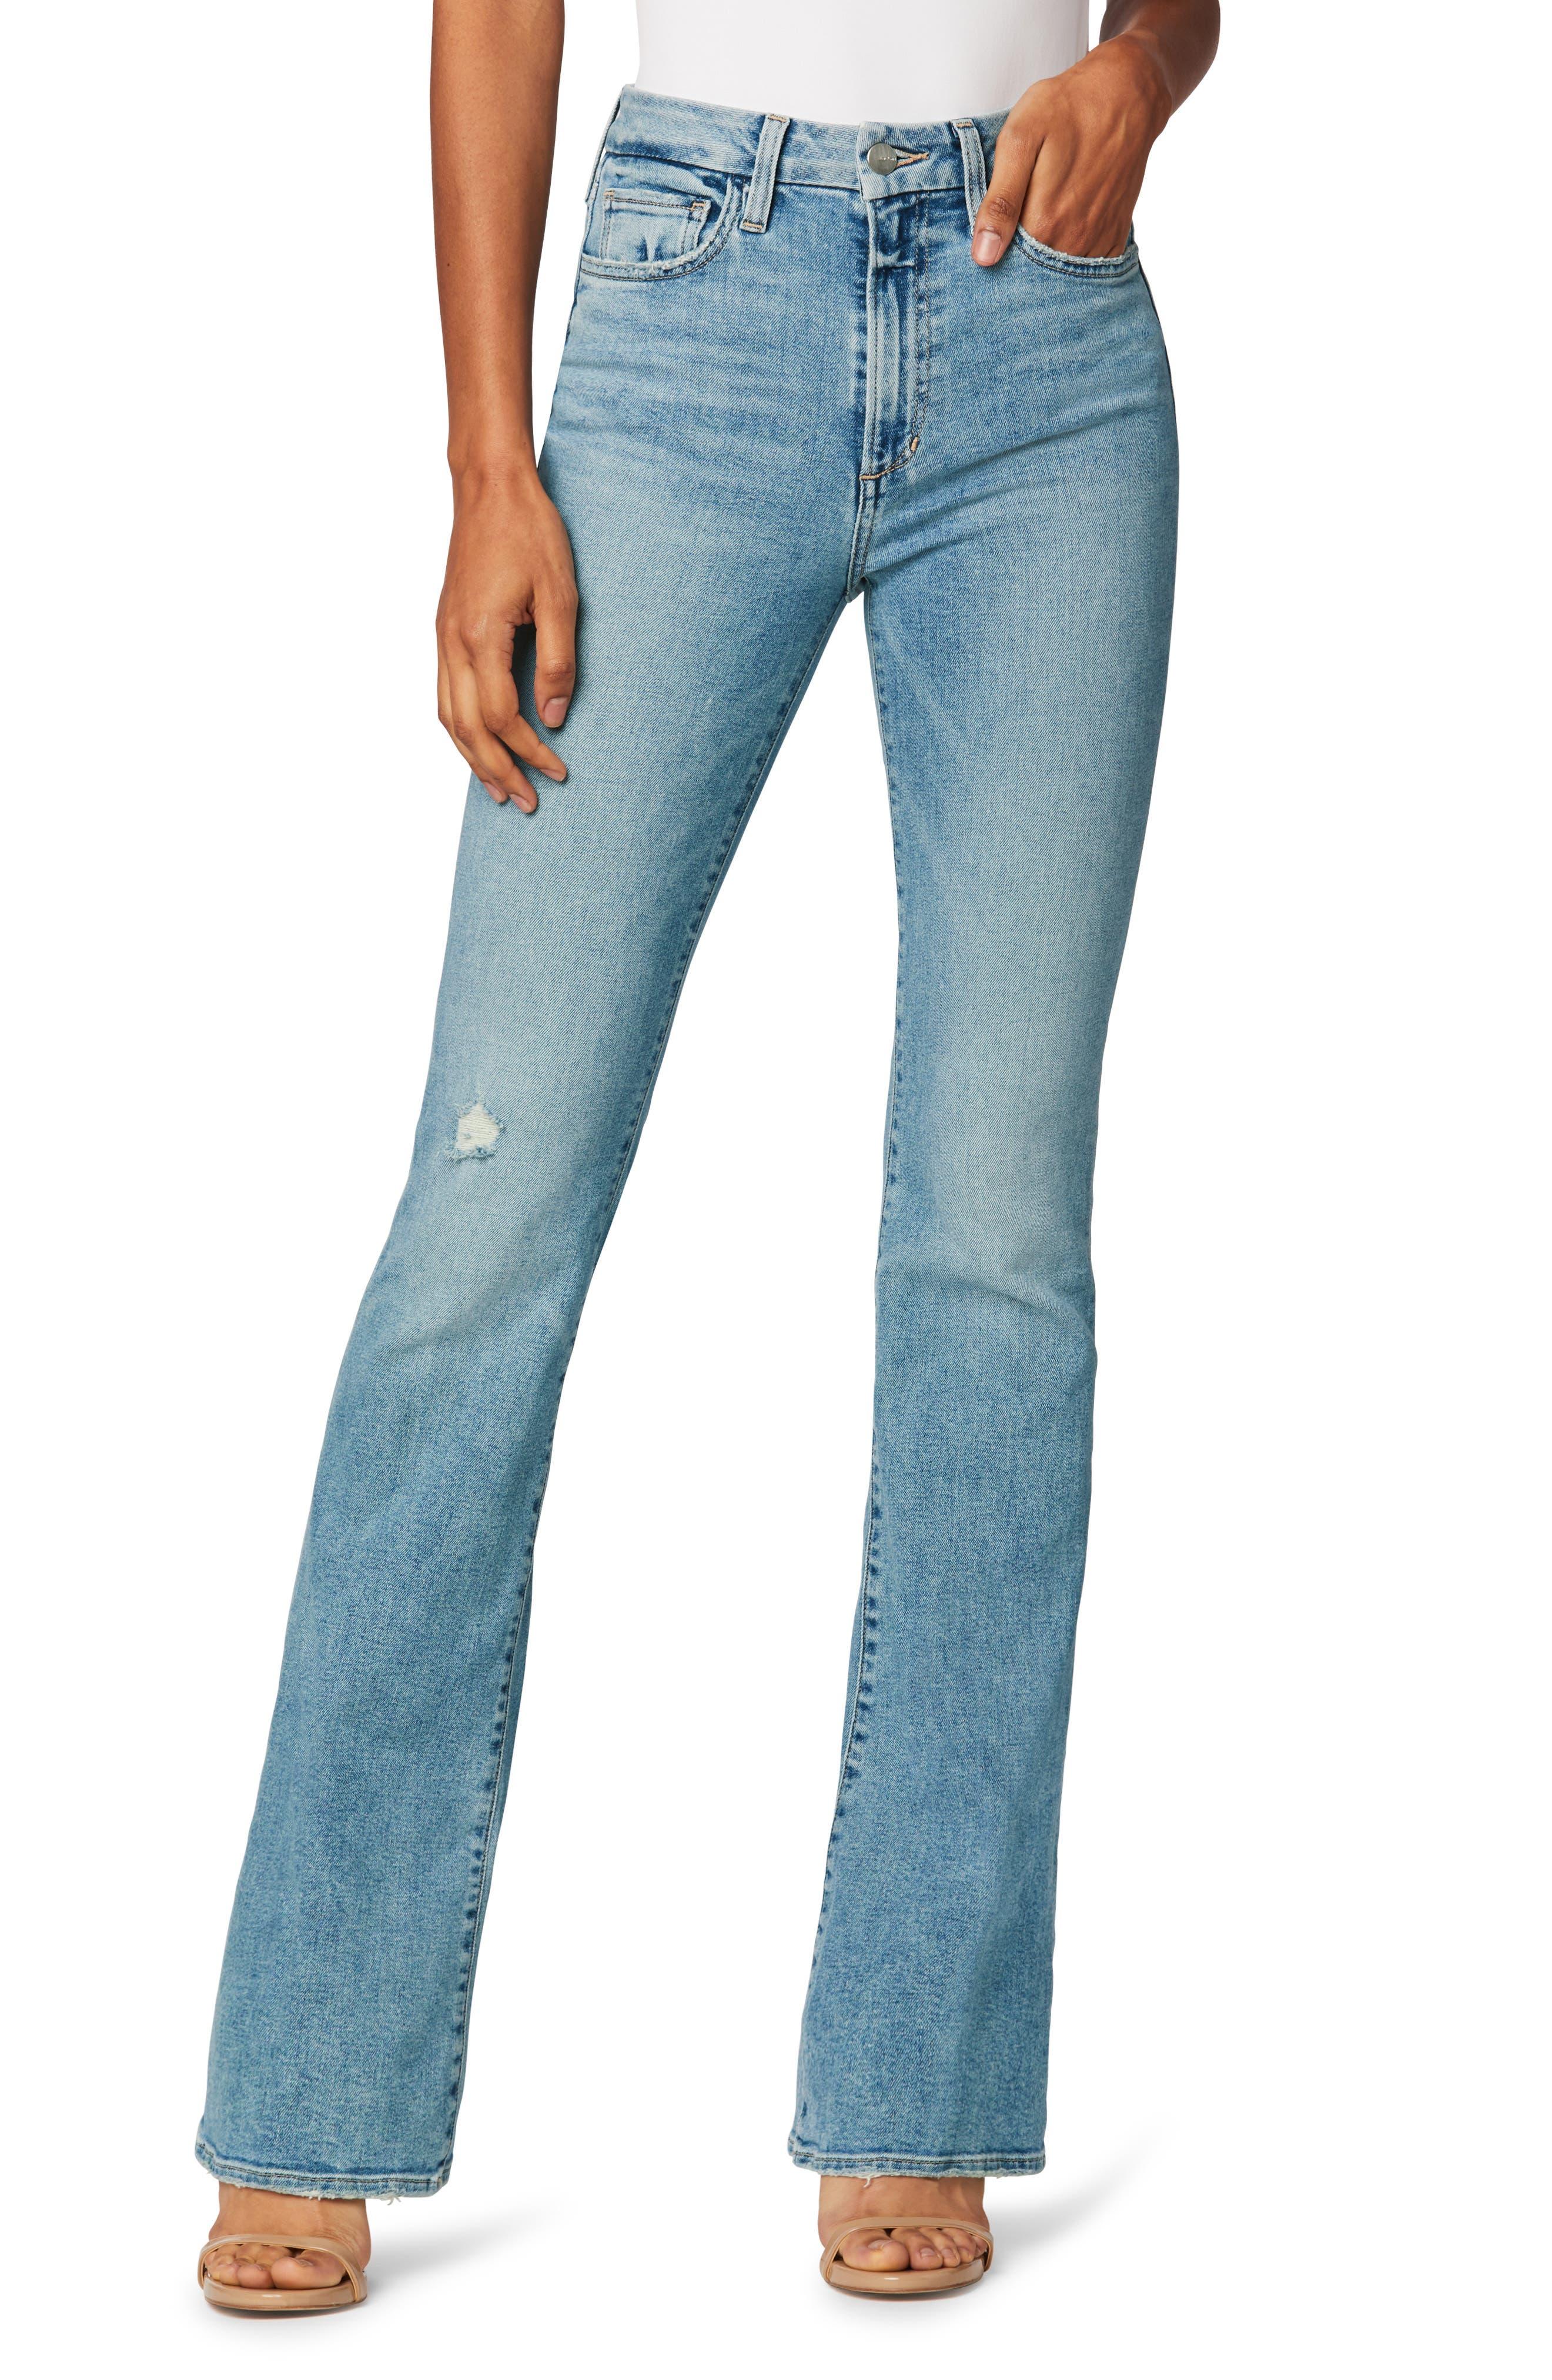 The Hi Honey High Waist Bootcut Jeans